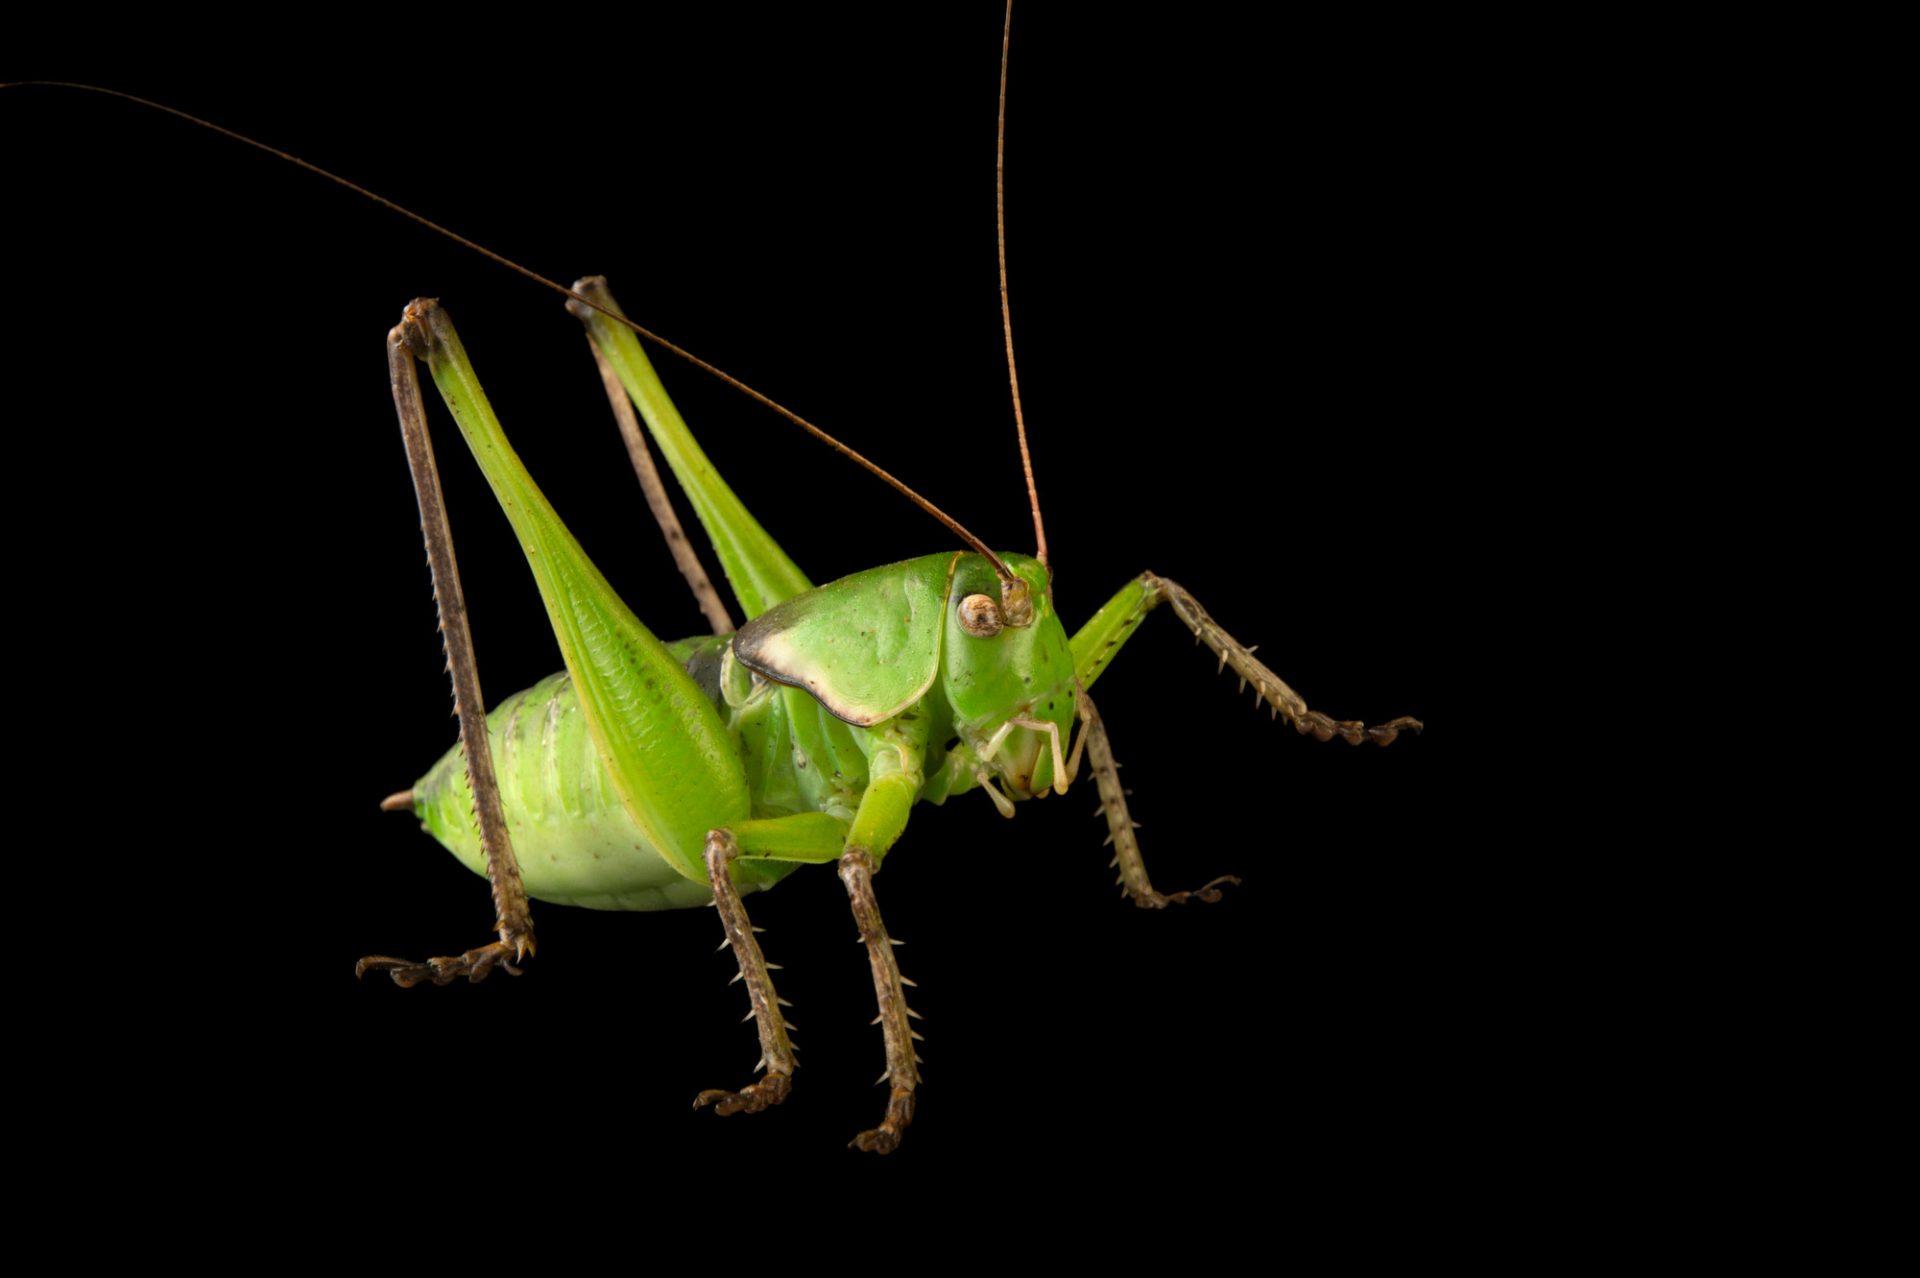 Picture of a Haldeman's shieldback katydid (Pediodectes haldemani) at the Dallas Zoo.